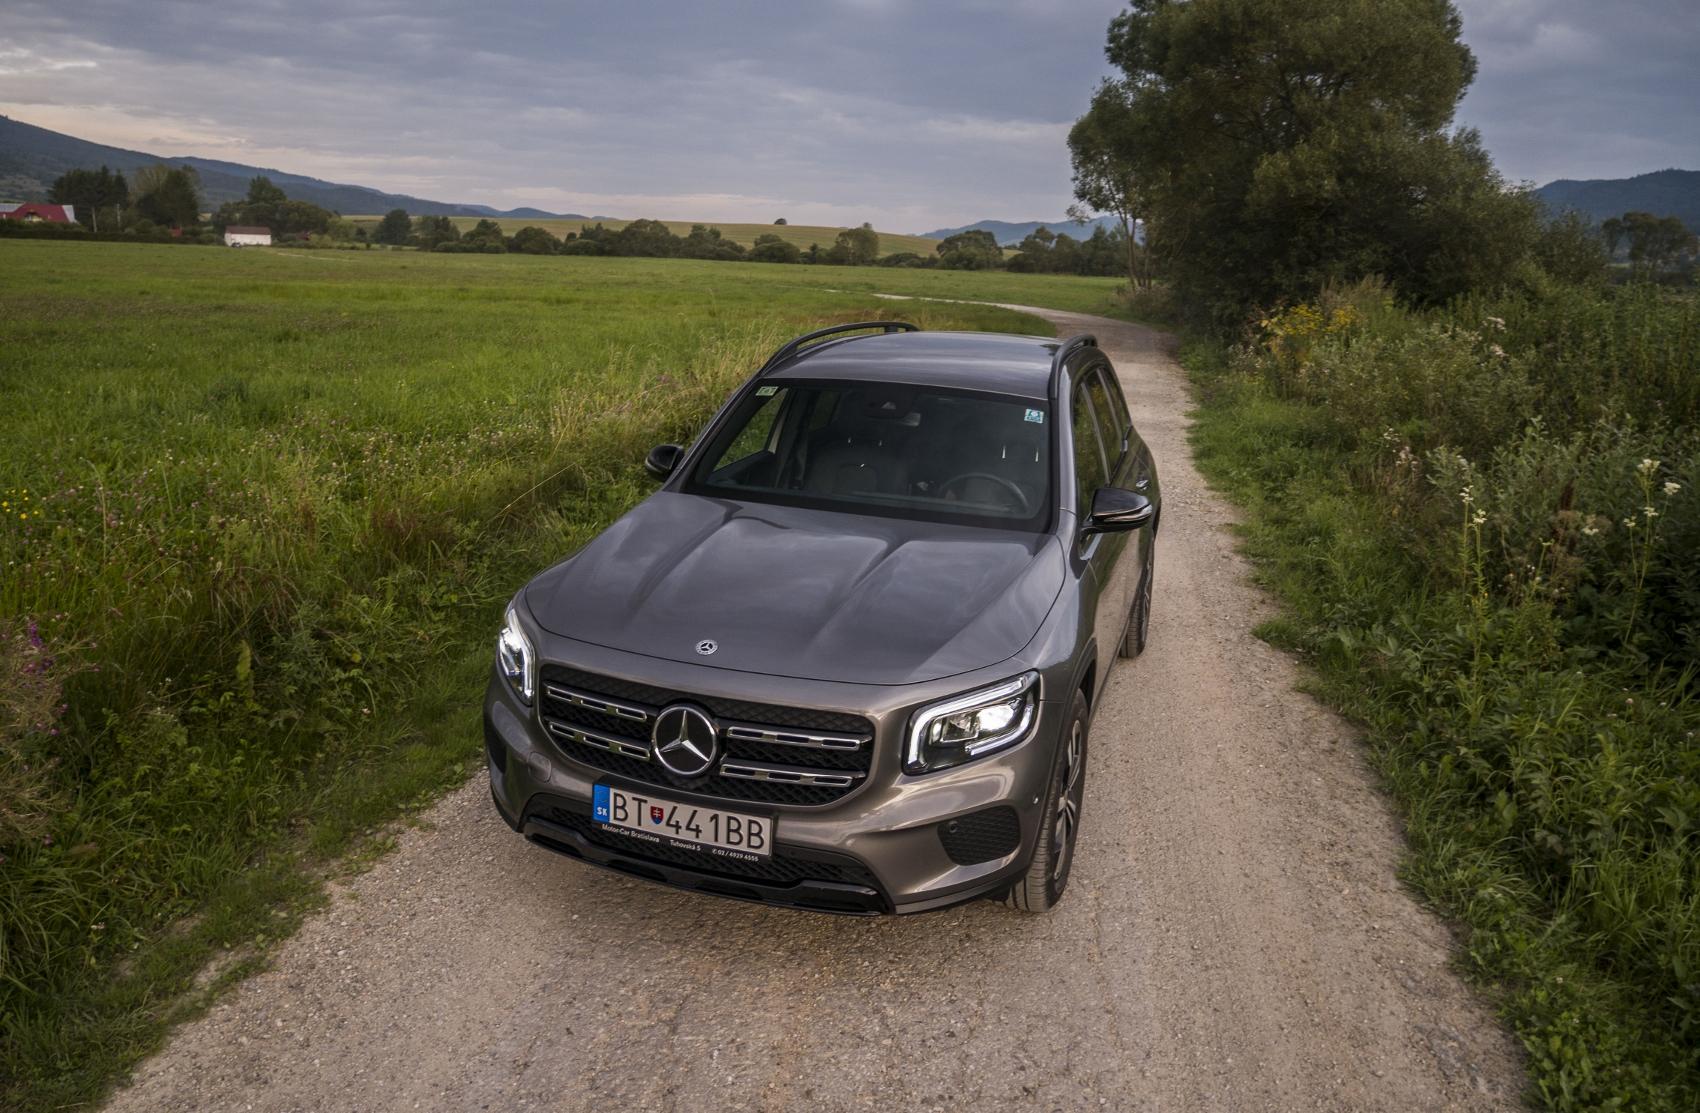 Test: Mercedes GLB 200 ponúka veľký priestor v malom balení QsEAcXY3om mercedes-glb-03-1700x1113